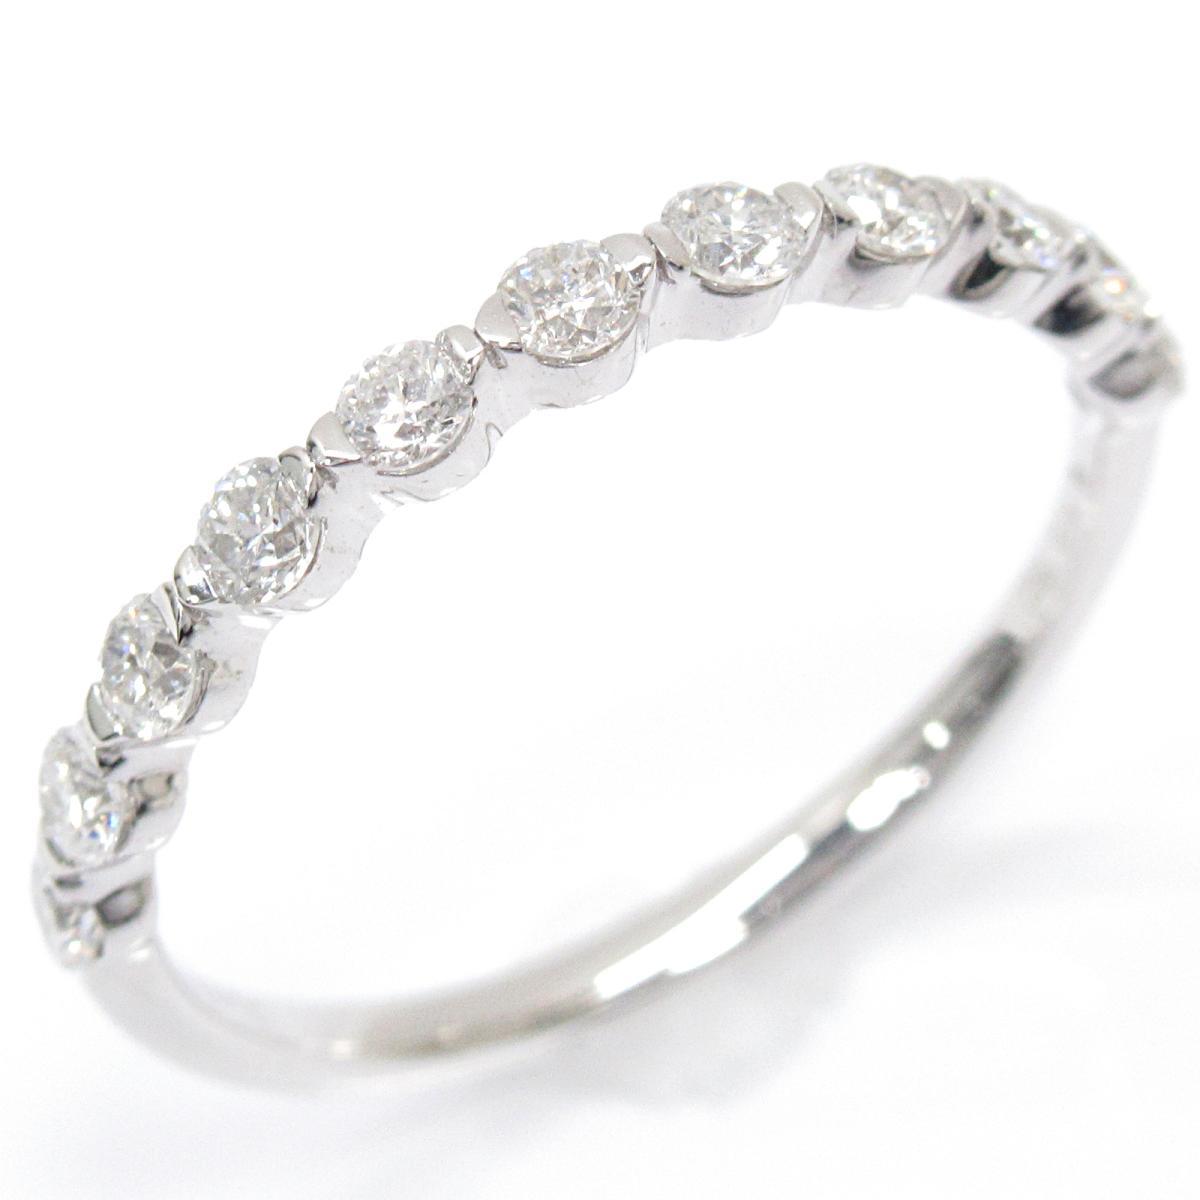 【中古】ジュエリー ダイヤモンドリング 指輪 レディース K18WG (750) ホワイトゴールド x ダイヤモンド (0.33ct)   JEWELRY BRANDOFF ブランドオフ ブランド ジュエリー アクセサリー リング